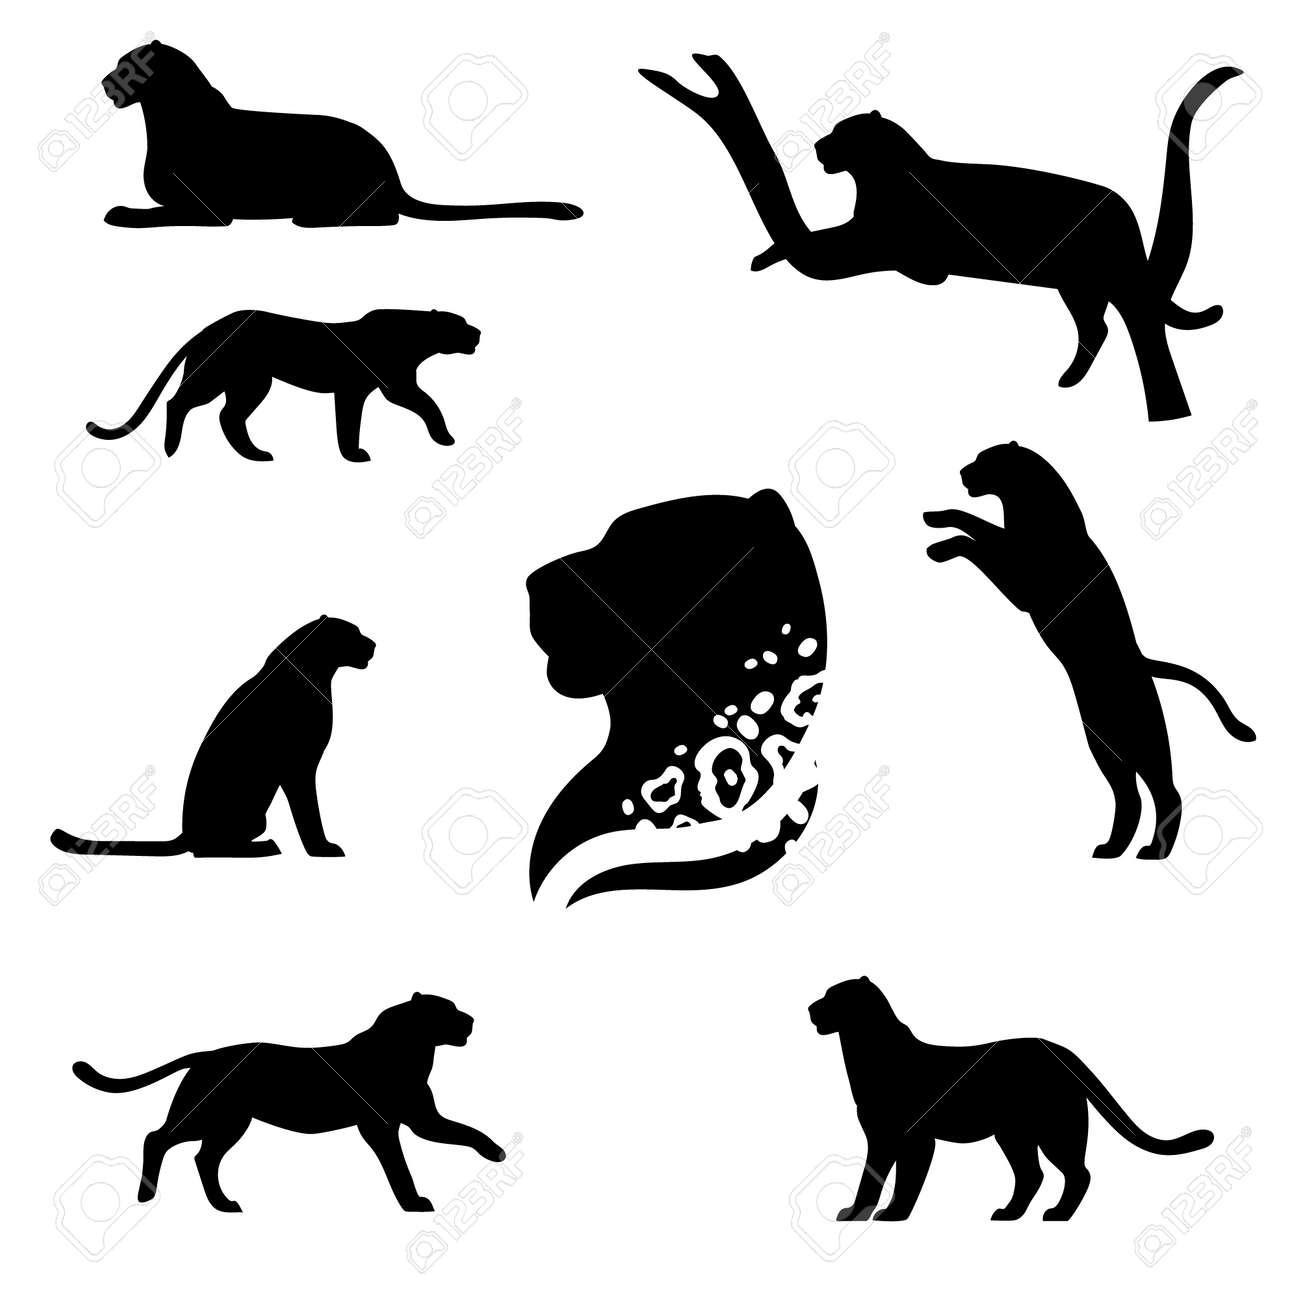 ヒョウは、黒いシルエットのセット。アイコンや動物のイラスト。野生動物